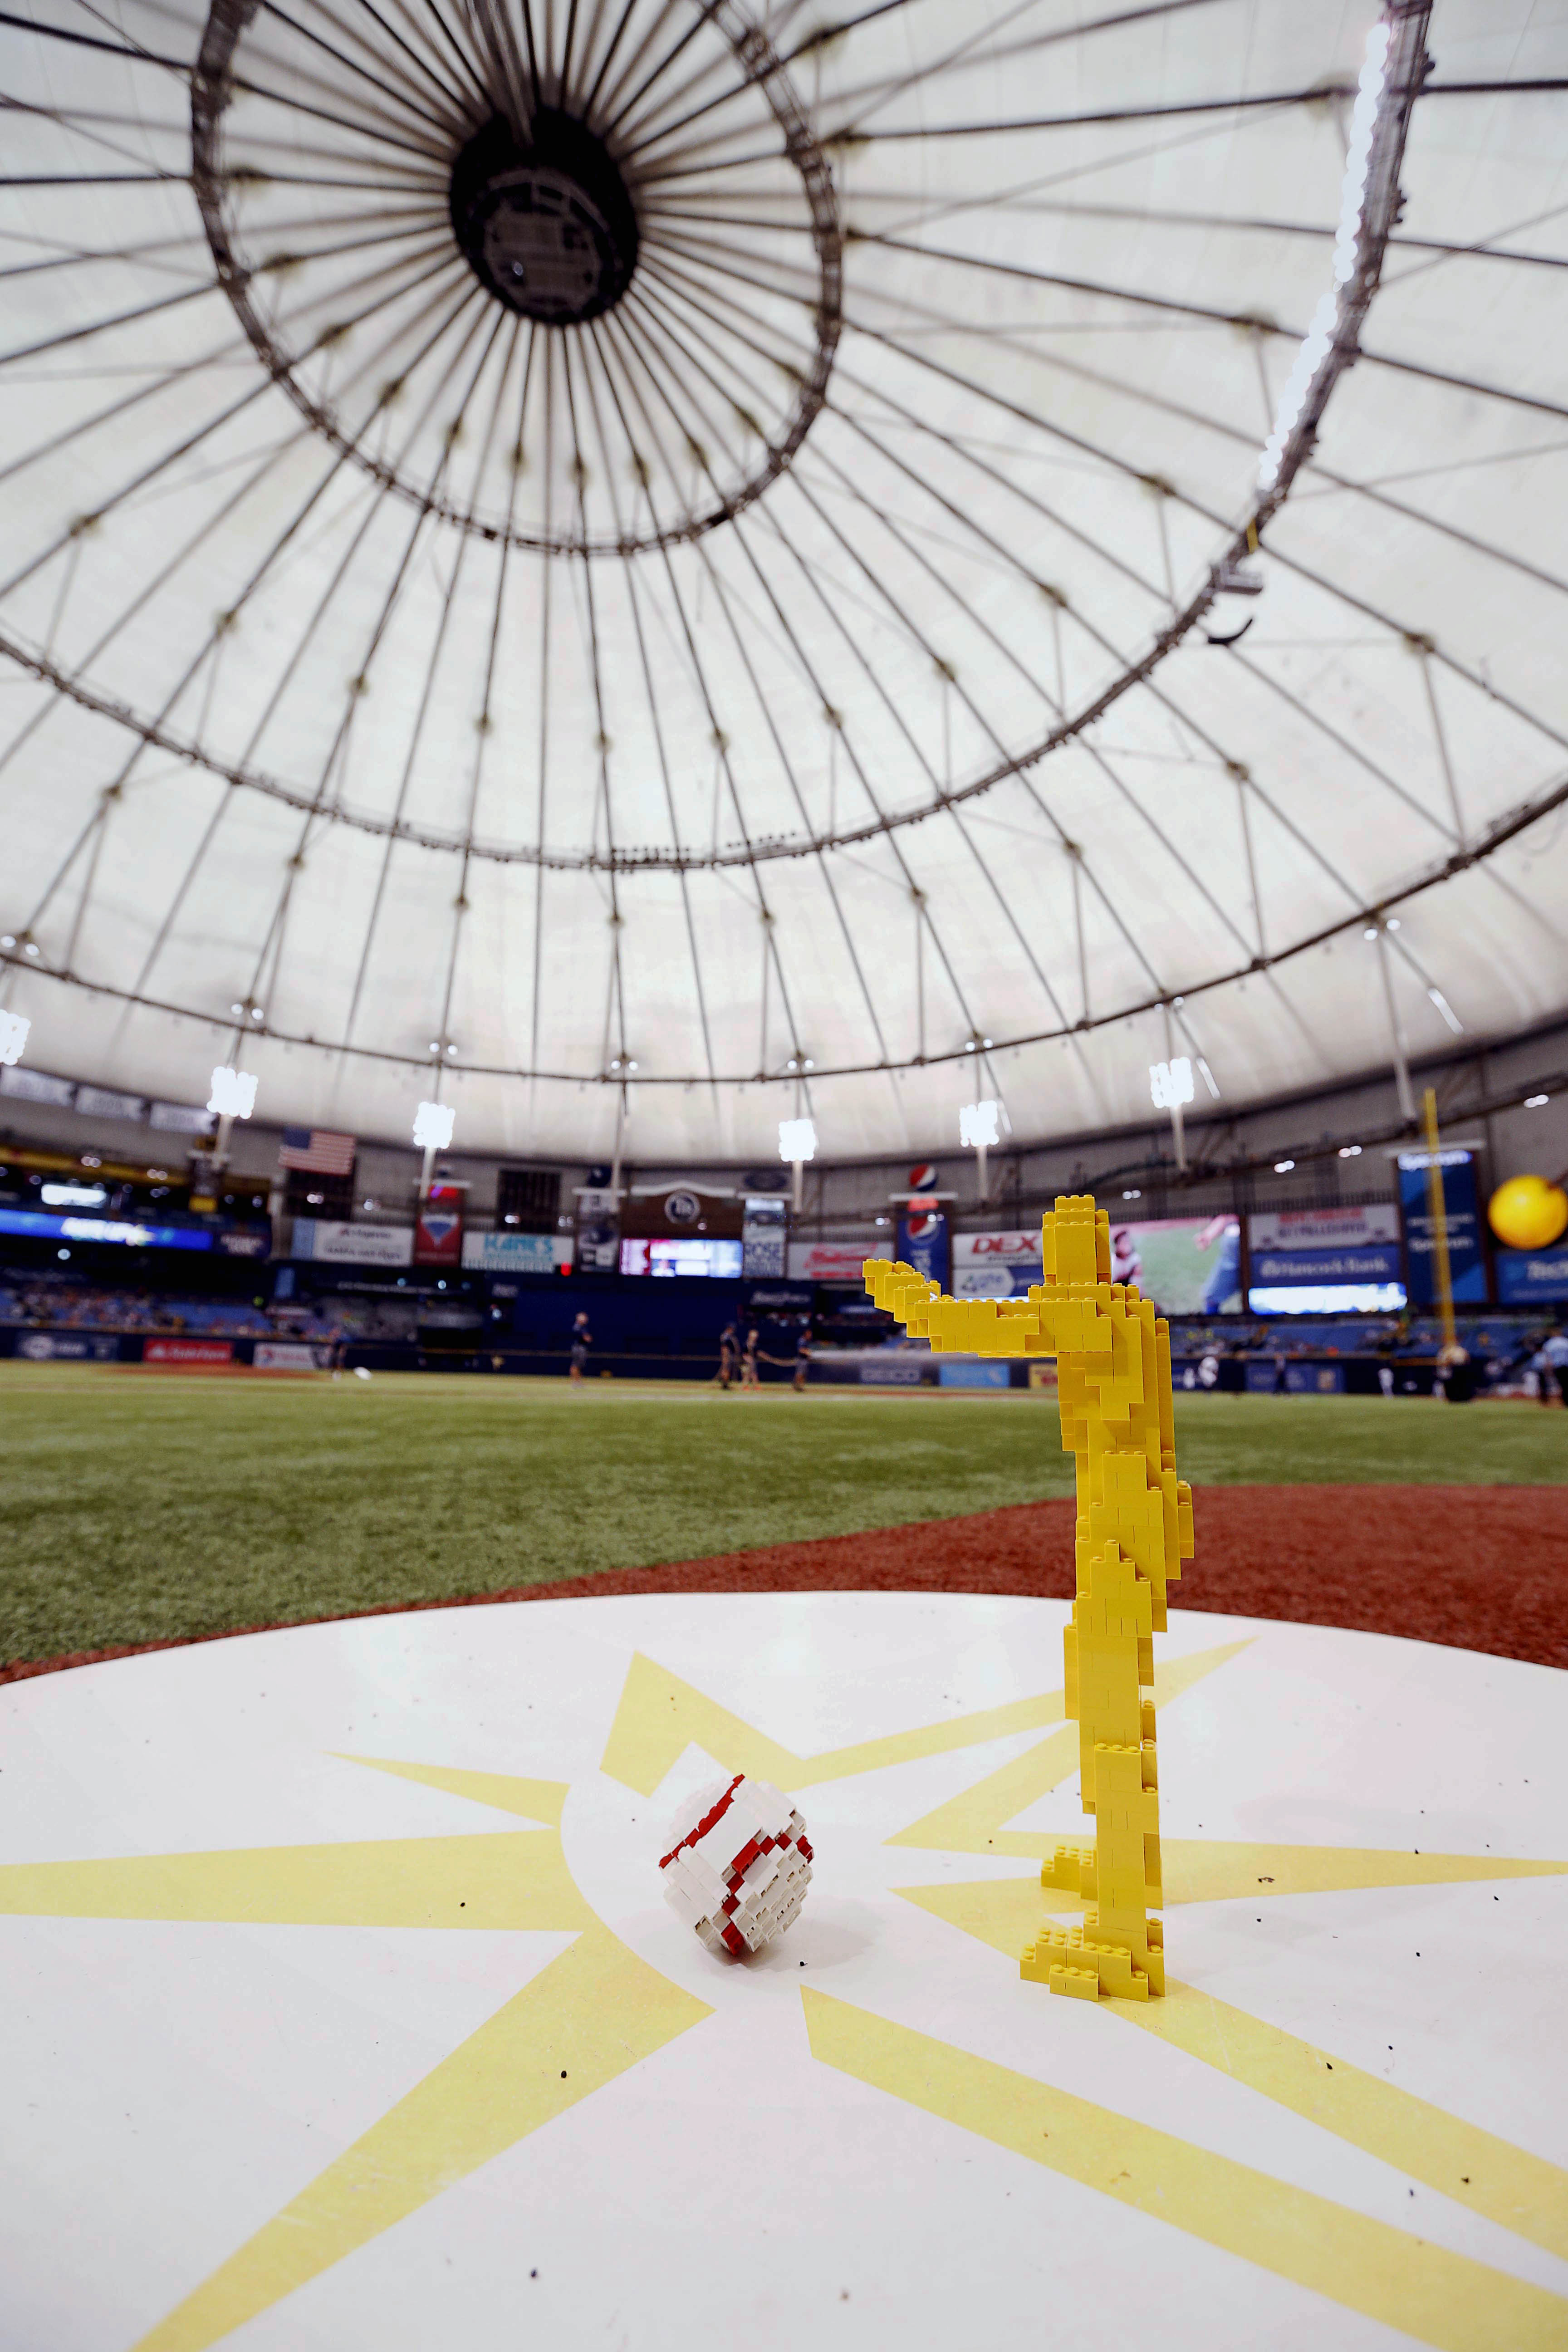 MLB: Cincinnati Reds at Tampa Bay Rays